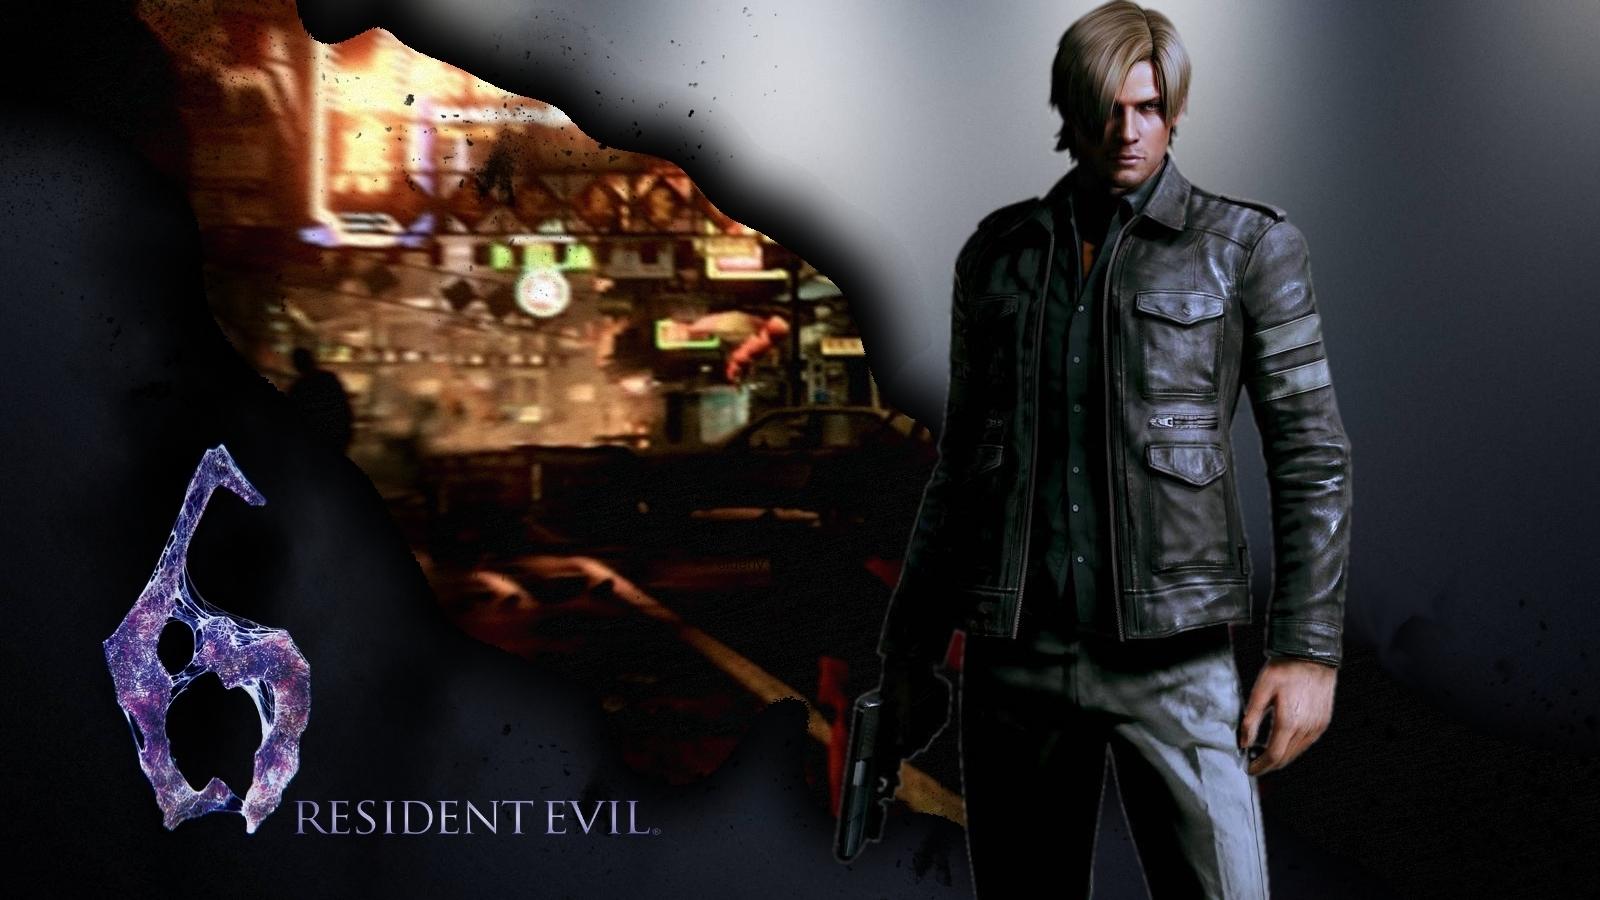 http://4.bp.blogspot.com/-LT-Z8mJSzyg/UHDWbBZdMmI/AAAAAAAAROs/HPpaU8Q6ZDk/s1600/Leon_Resident_Evil_6_Wallpaper.jpg